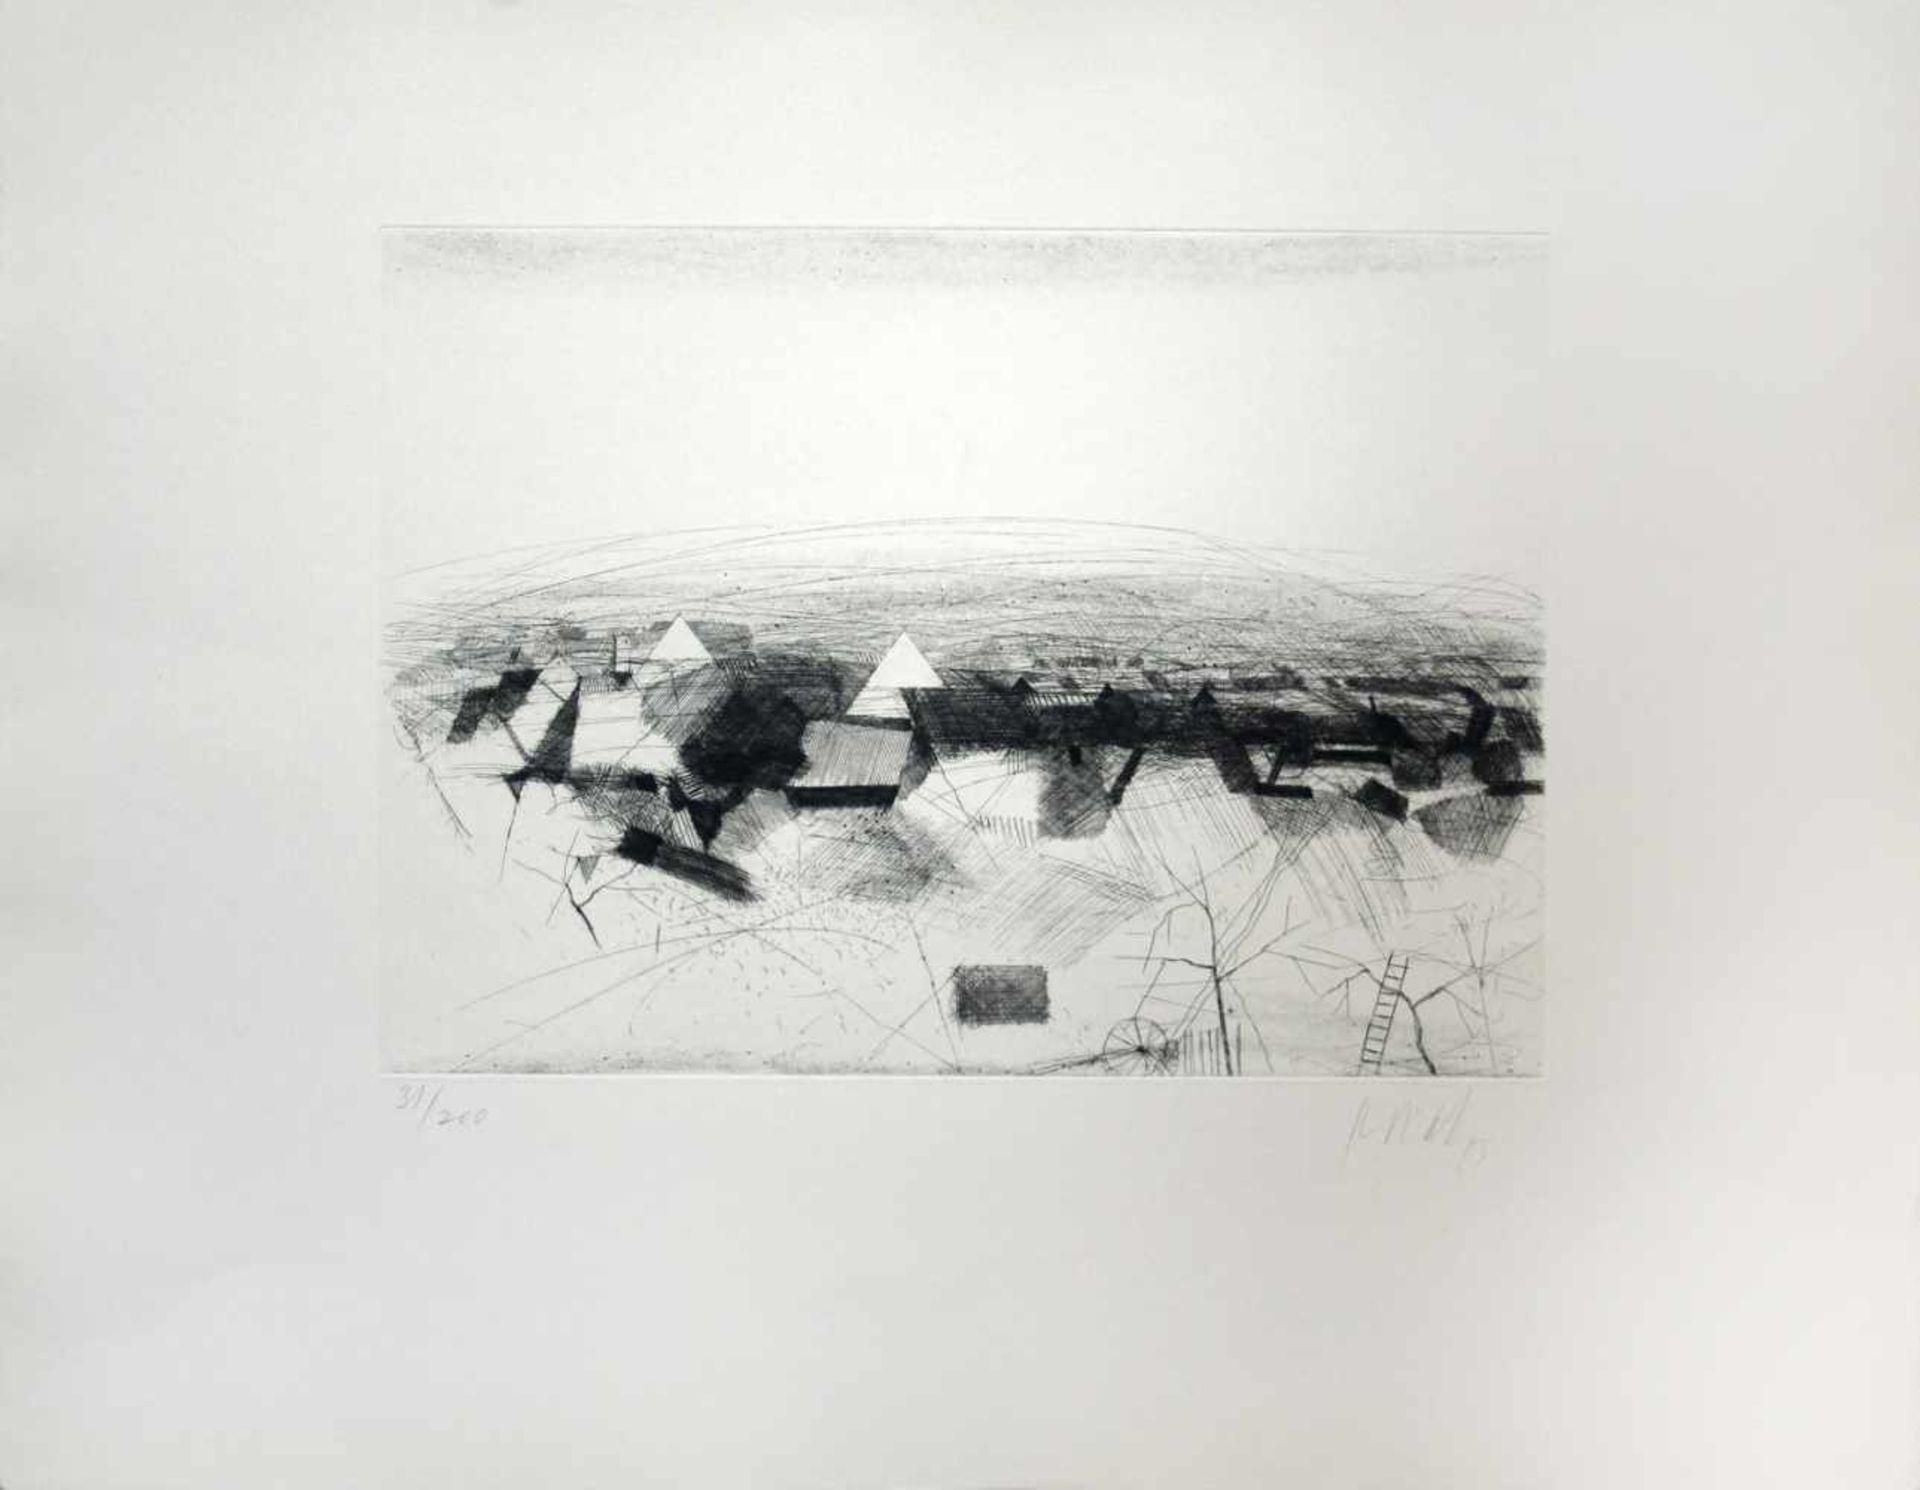 Karl Korab geb. 1937 o.T. 1993 Radierung handsigniert, datiert und nummeriert 31/200 51 x 65 cm